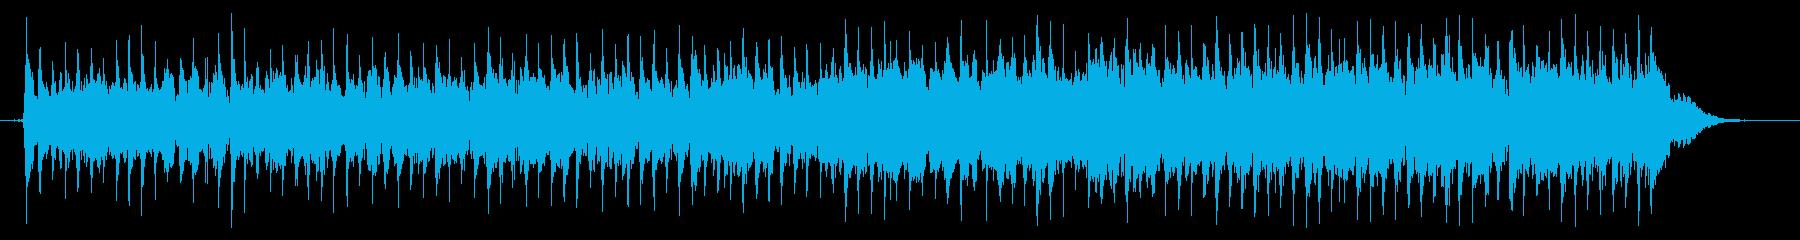 アップテンポで軽快な伝統的フォークの再生済みの波形